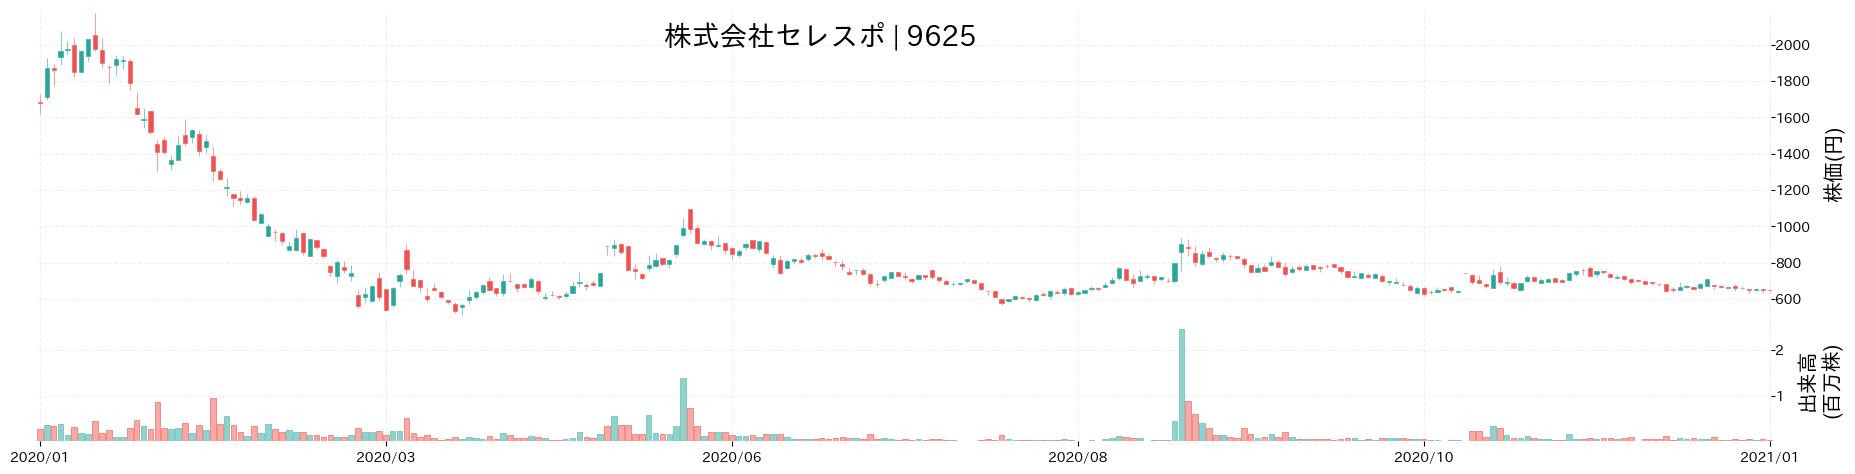 株式会社セレスポの株価推移(2020)